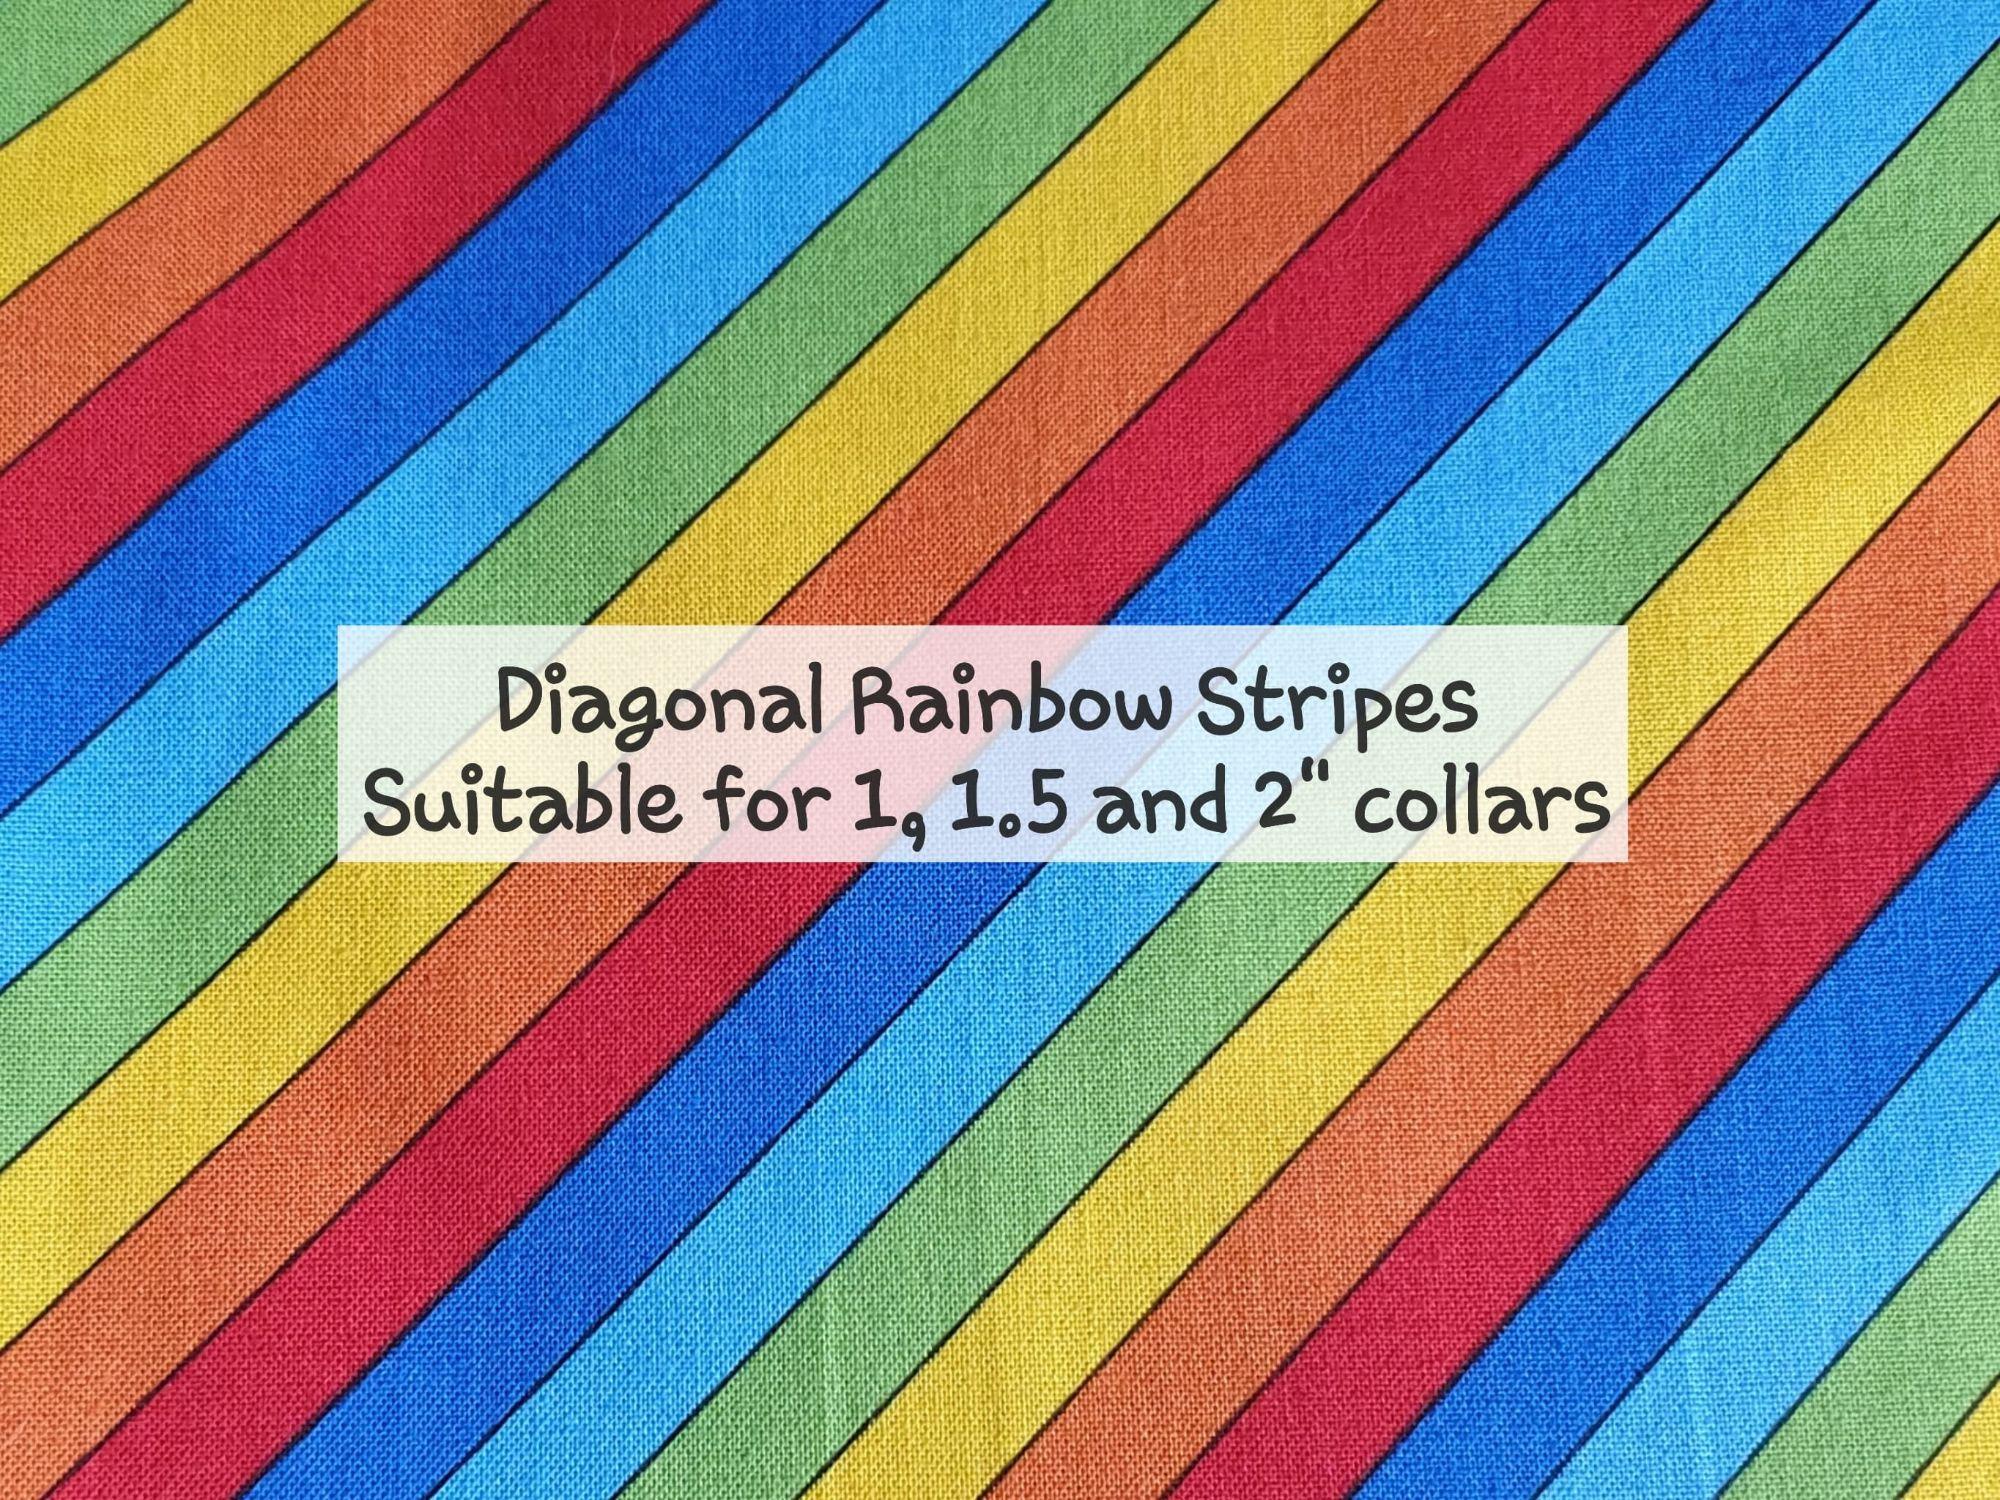 Diagonal Rainbow Stripes